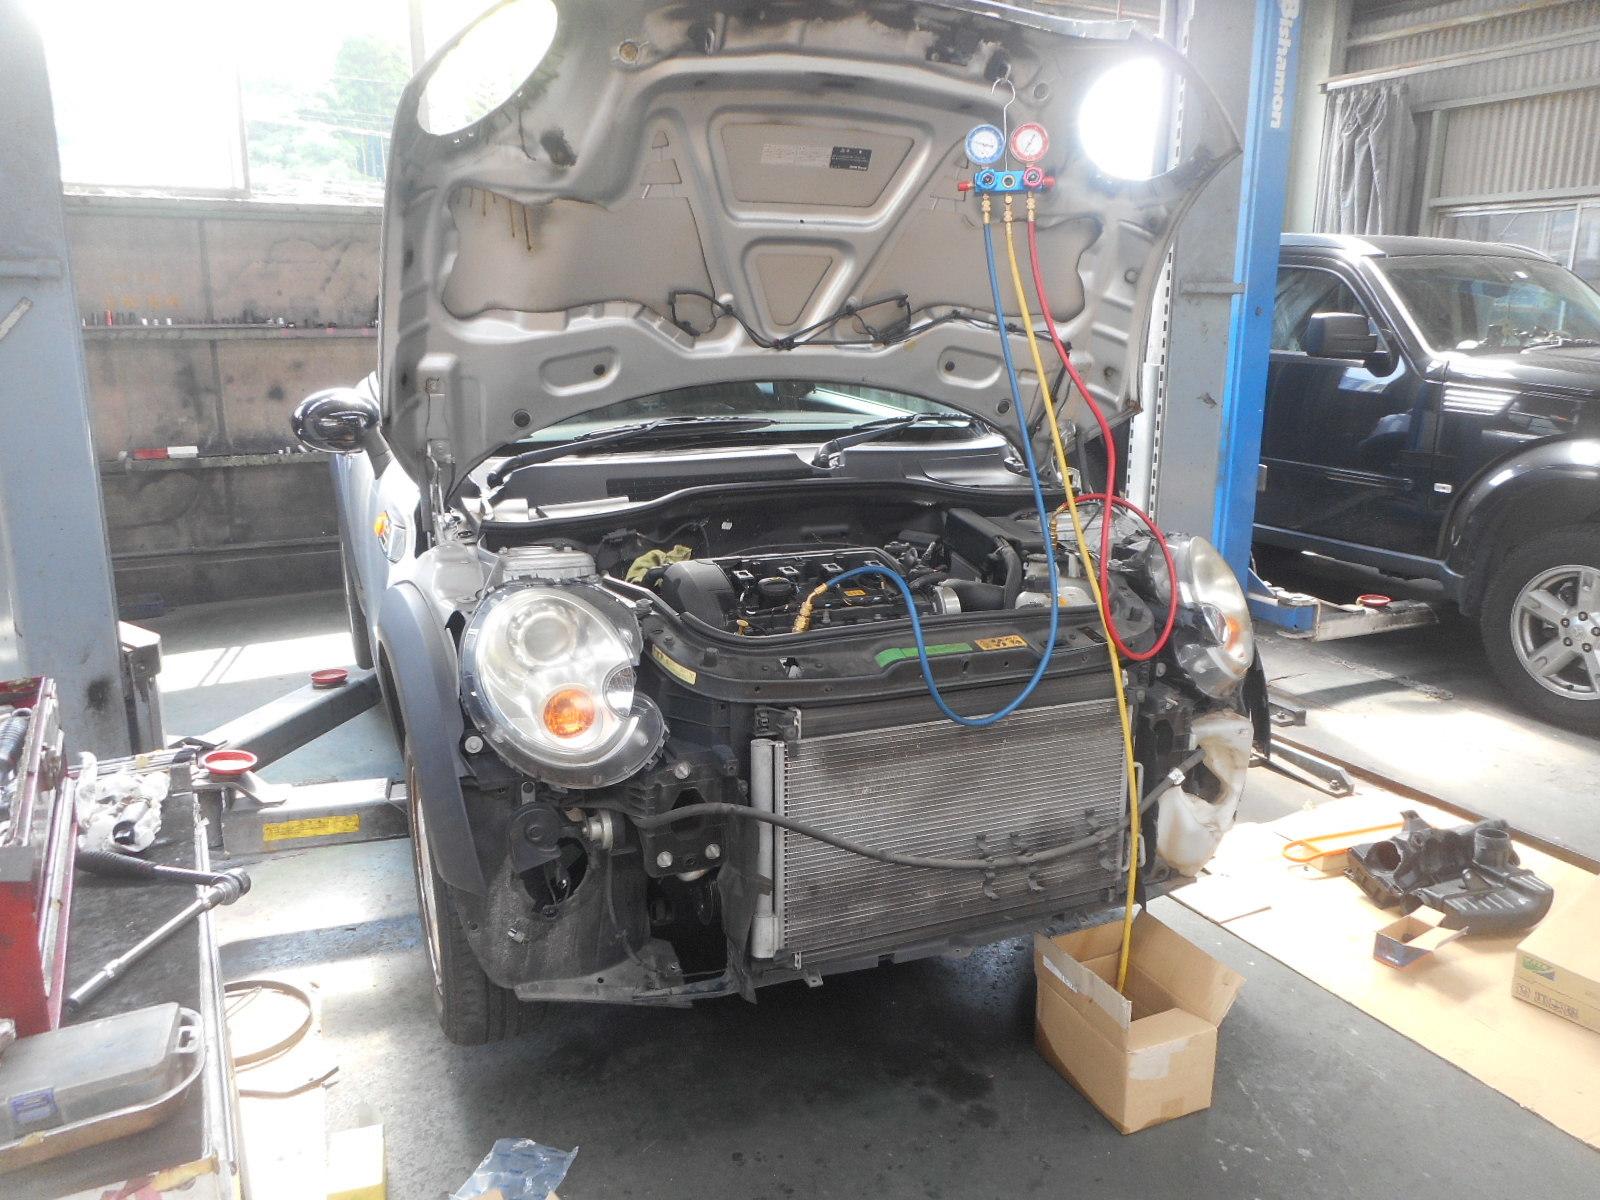 BMWミニ(R56)エンジンチェックランプ点灯修理とエアコン修理_c0267693_18364072.jpg